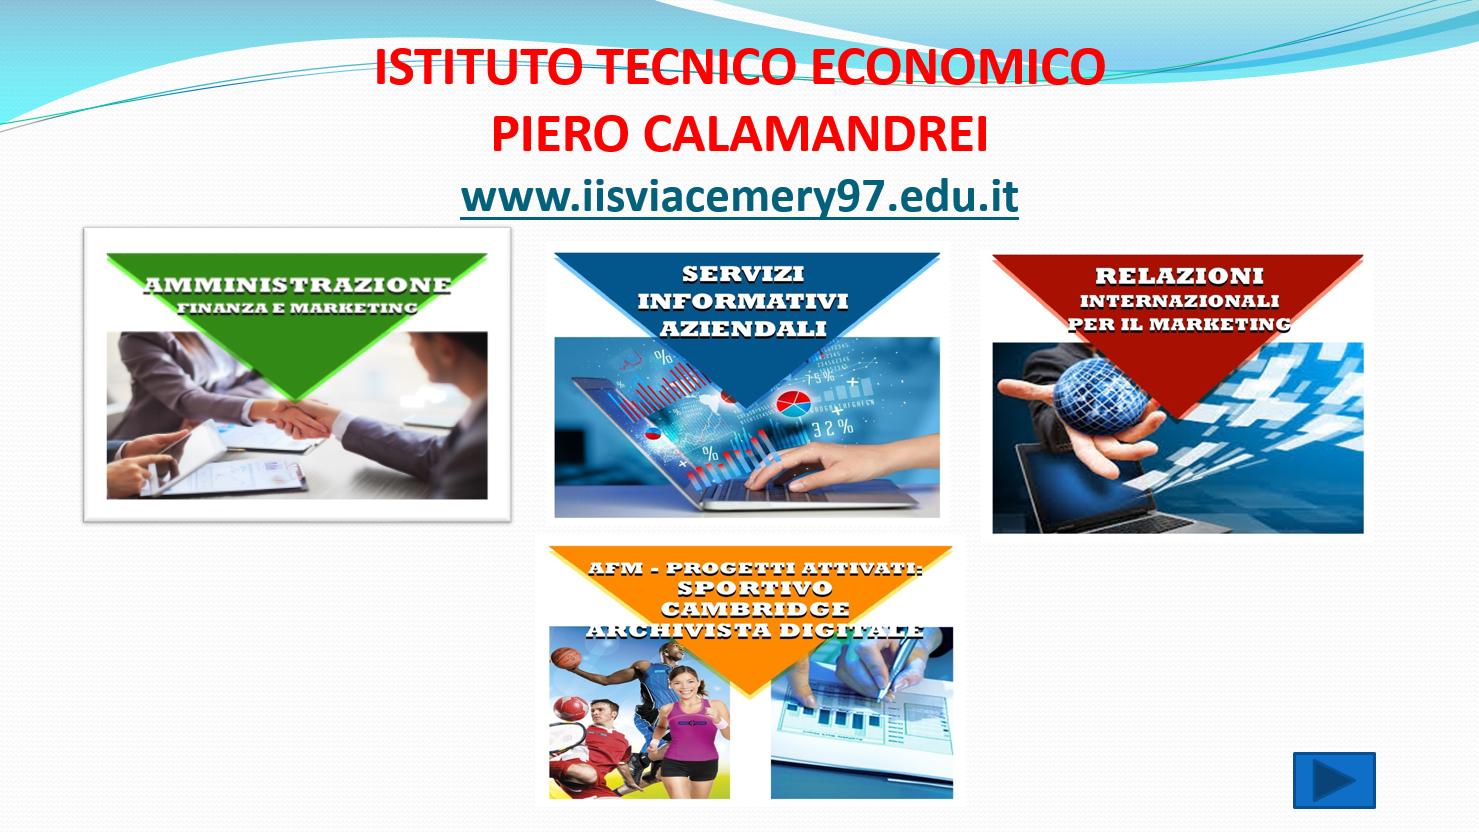 ISTITUTO TECNICO ECONOMICO PIERO CALAMANDREI